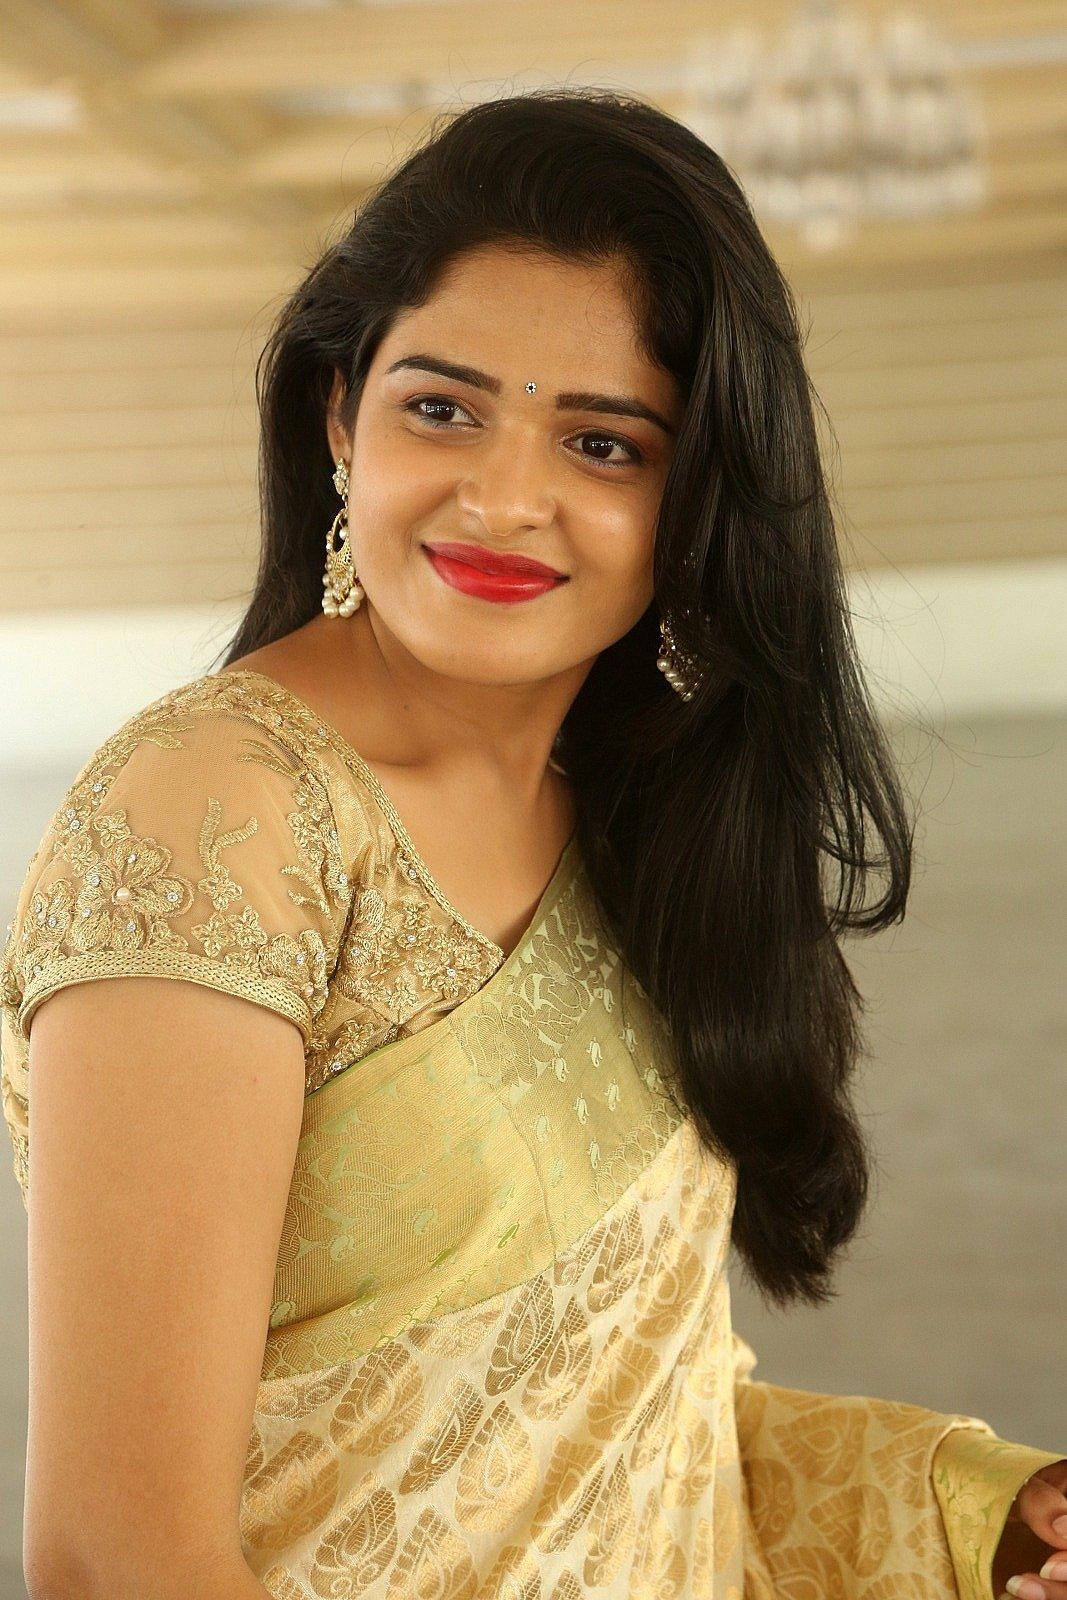 Actress Harshita Hot Yellow Saree Photos In Sexy Blouse Closeup Indian Actress Hot